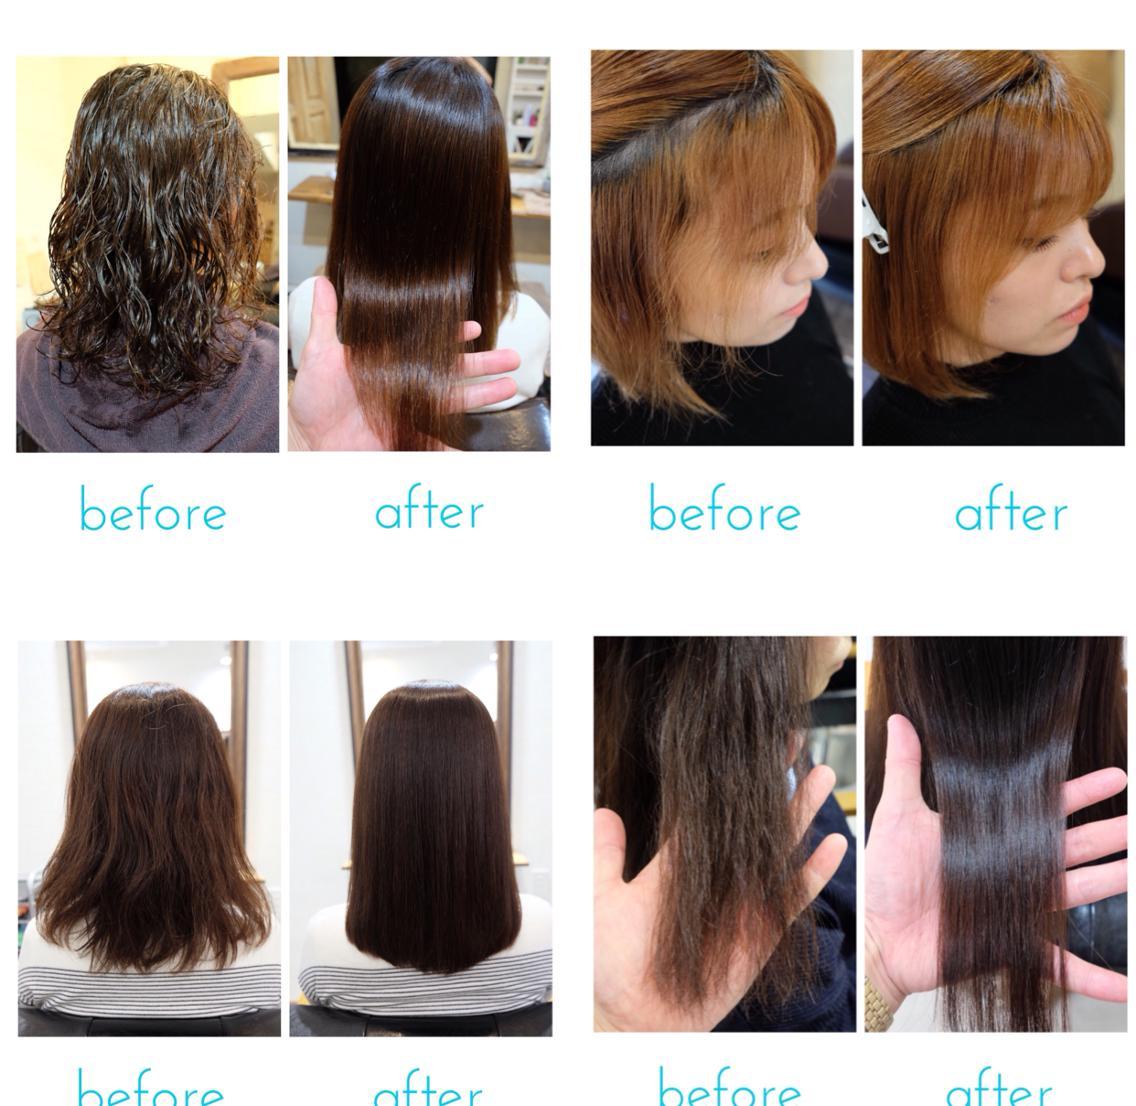 【デザインカラー✨】【ショートカット✂︎】のスペシャリスト❗️美容歴13年の経験を生かして必ず満足していただける髪型にします‼️撮影モデルさんも募集中‼️